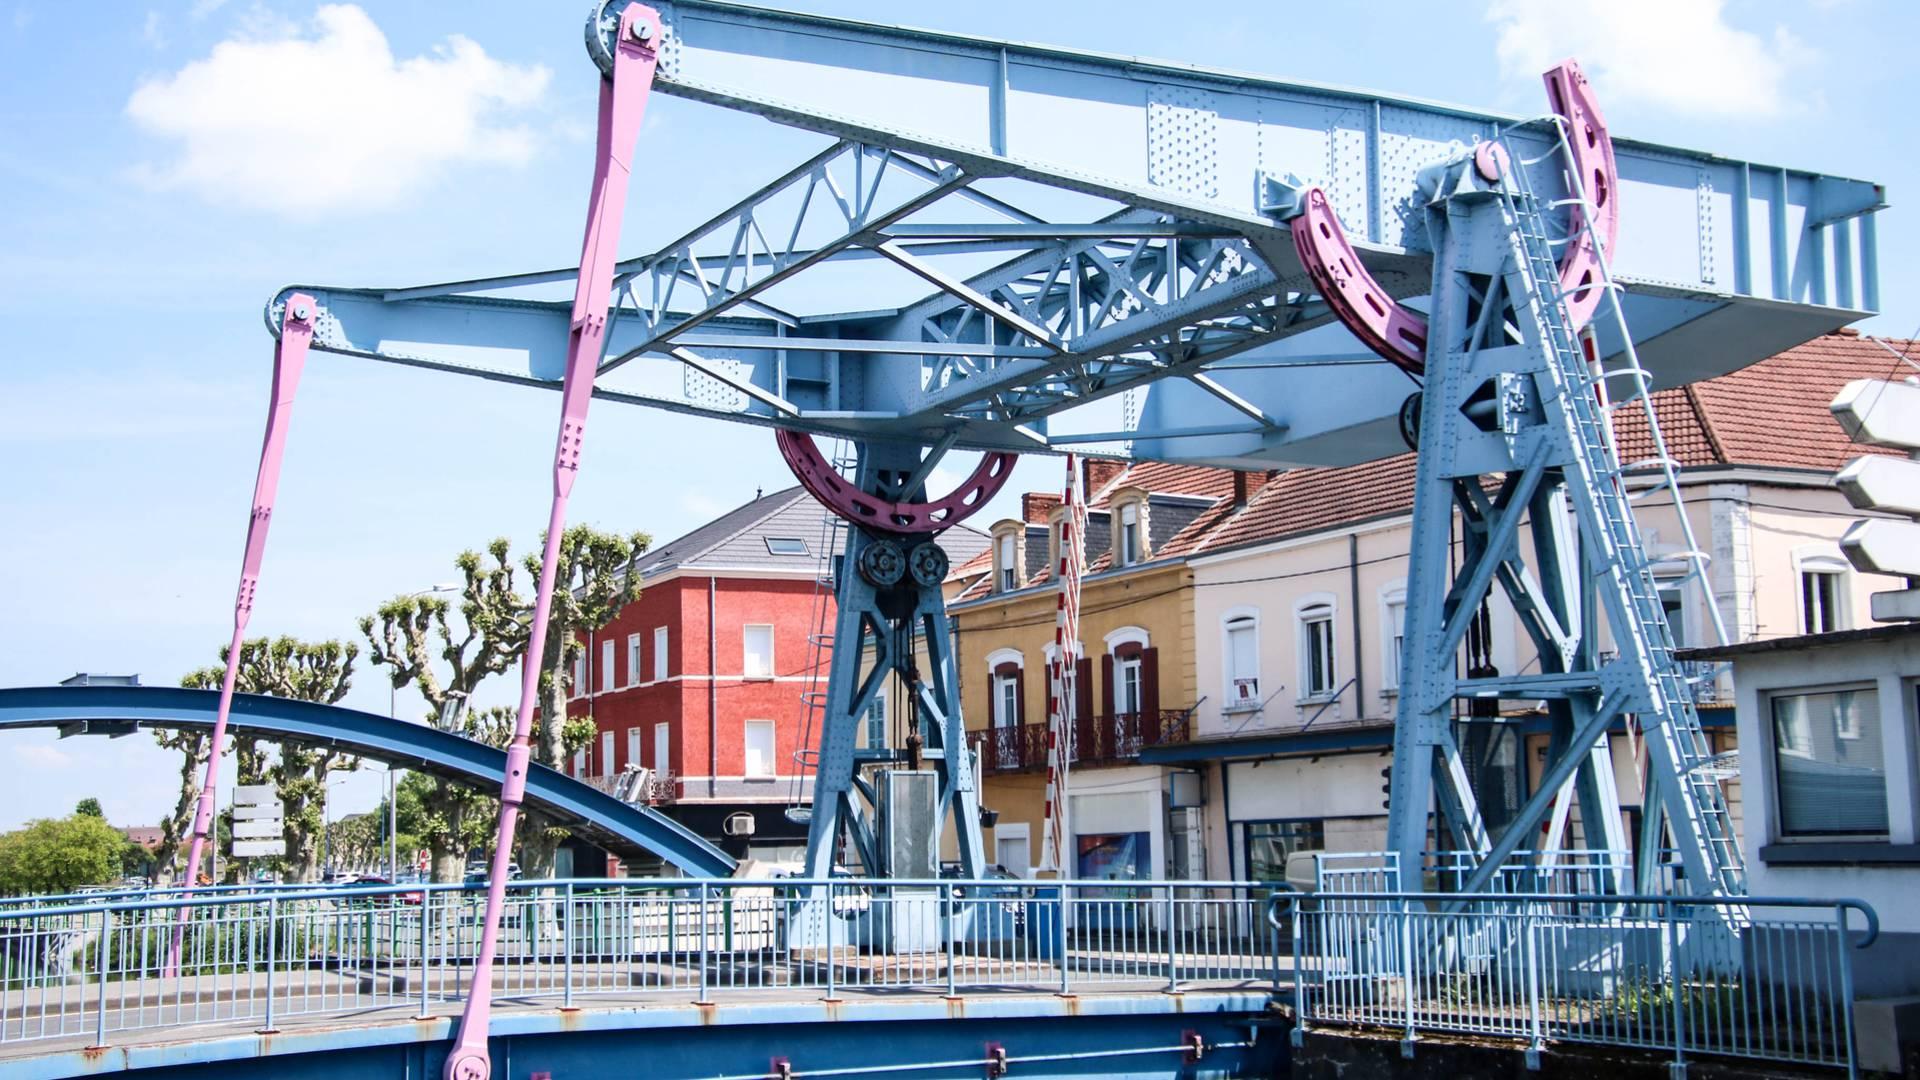 Le pont levant du canal, Montceau-les-Mines. © Lesley Williamson.